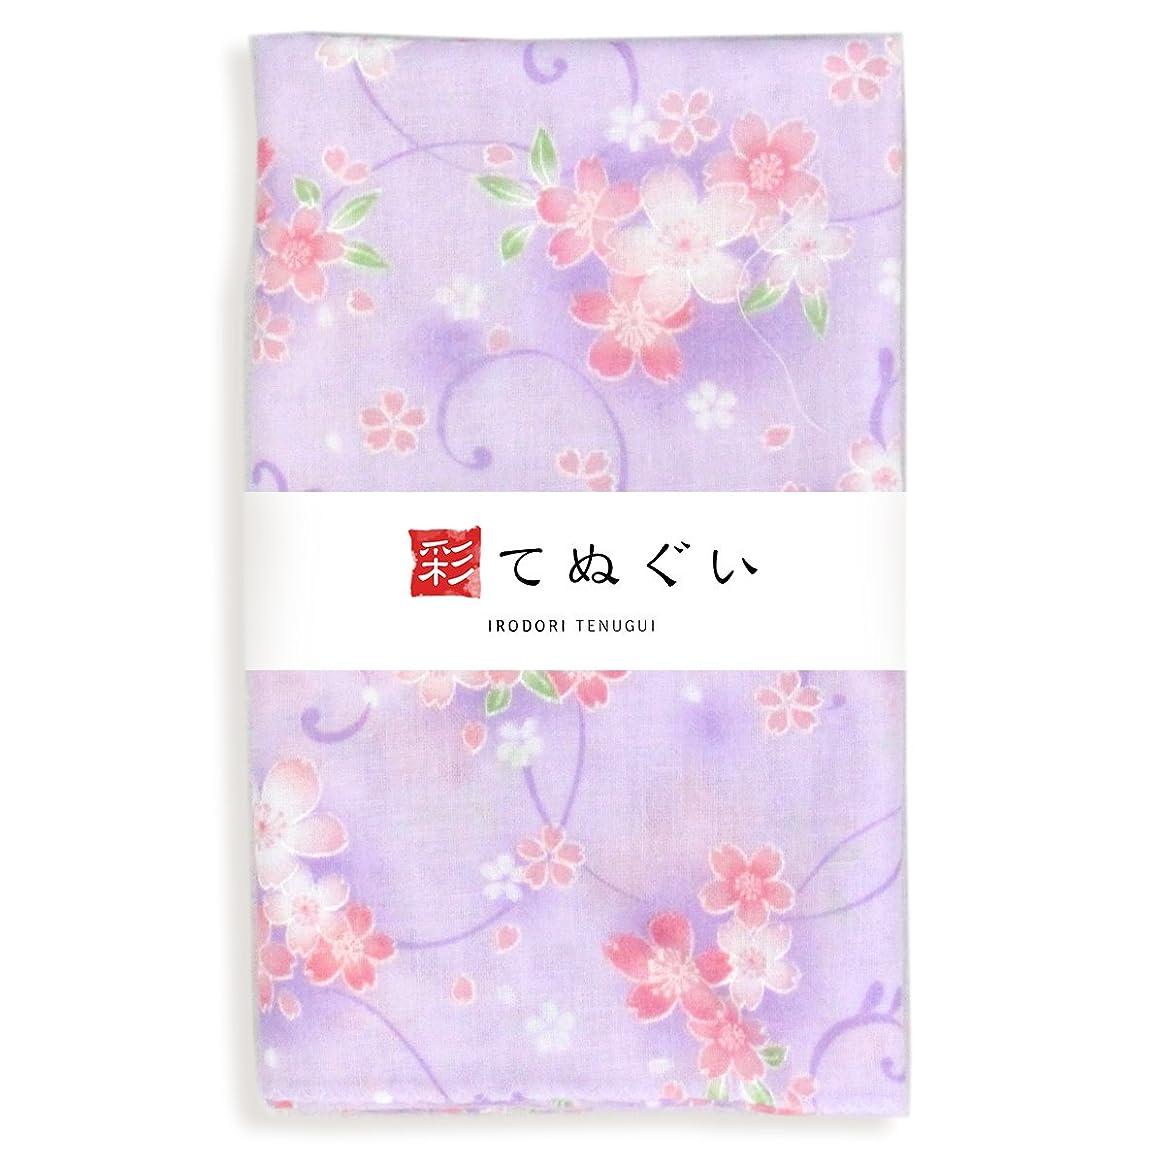 直接シーケンスクローン彩(irodori) ガーゼ手ぬぐい サクラ パープル 紫 日本製 てぬぐい 二重袷 二重ガーゼ ほつれ防止加工 約33×88cm